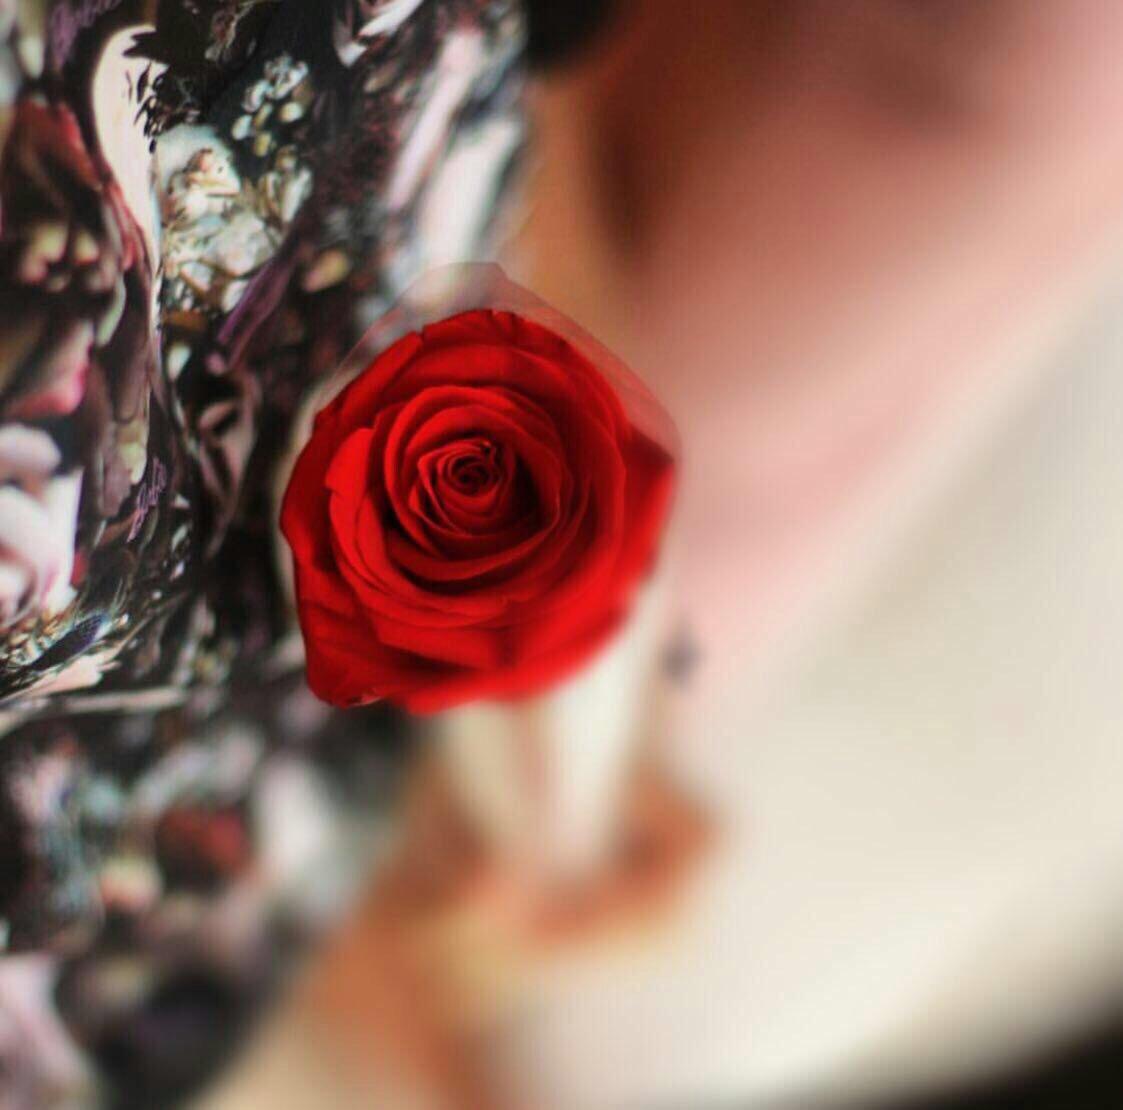 صور صور حب جديده , اجمل مظاهر الحب في صورة